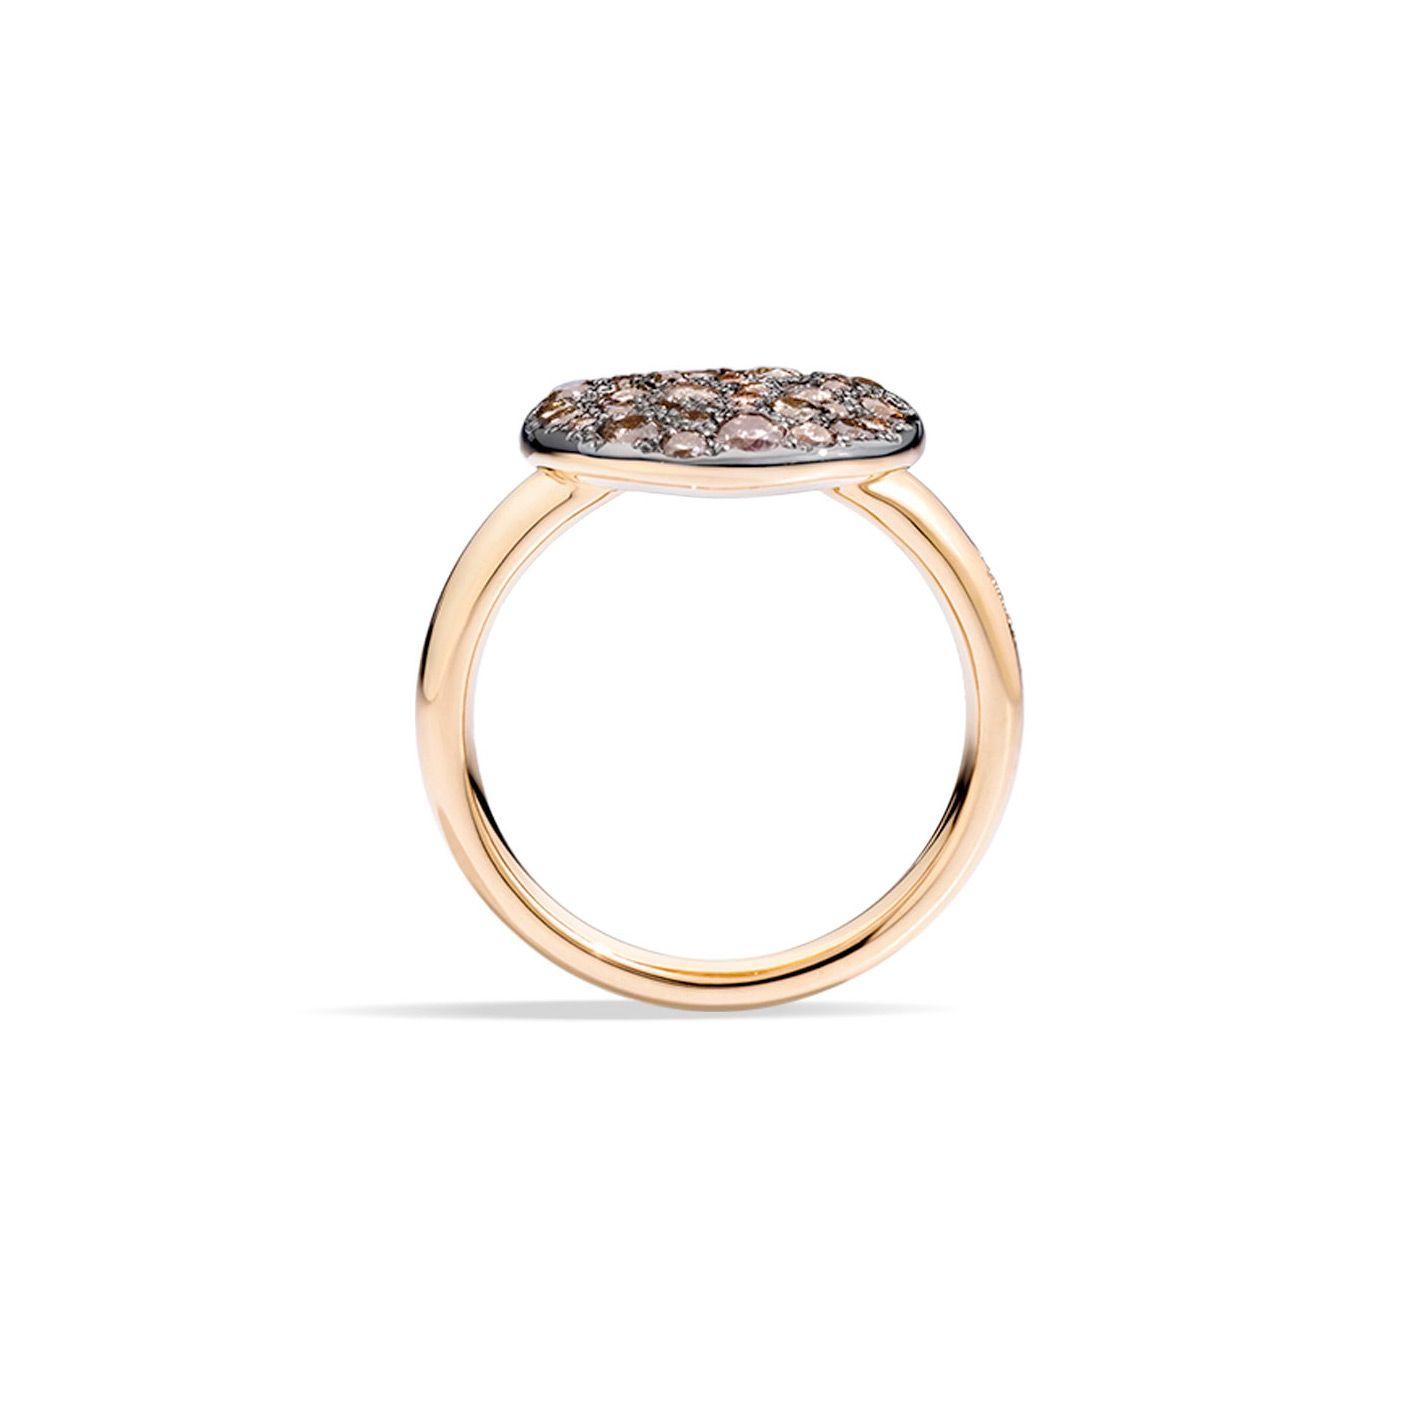 Bague Pomellato Sabbia en Or rose et Diamant brun vue 3